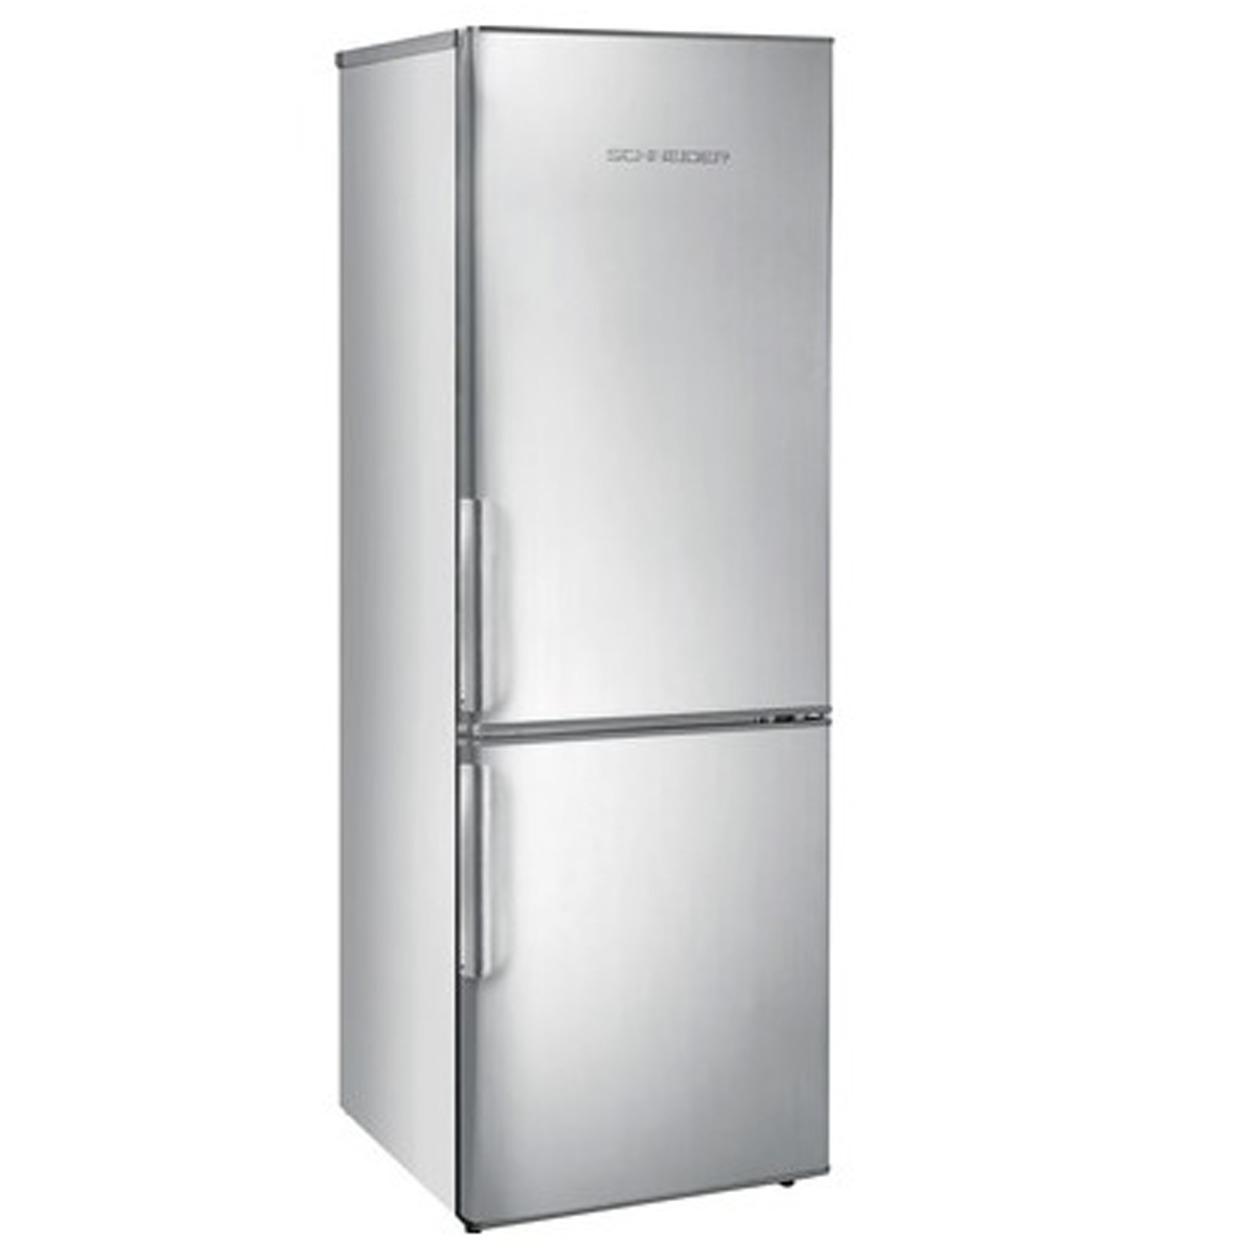 Schneider koelkast met vriesvak SKG 320.4 A++ NF Silver